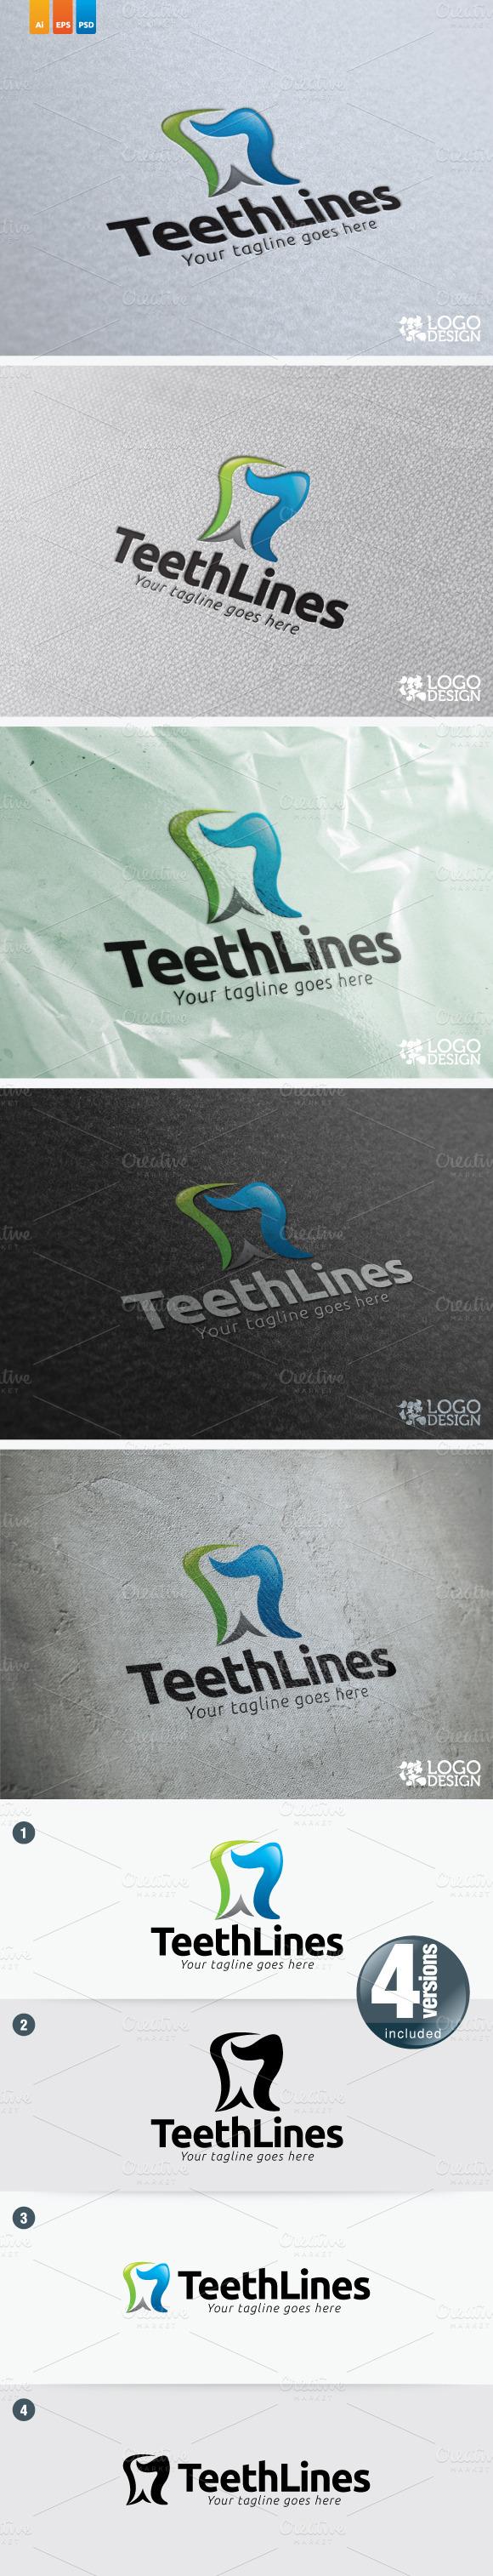 Teeth Lines